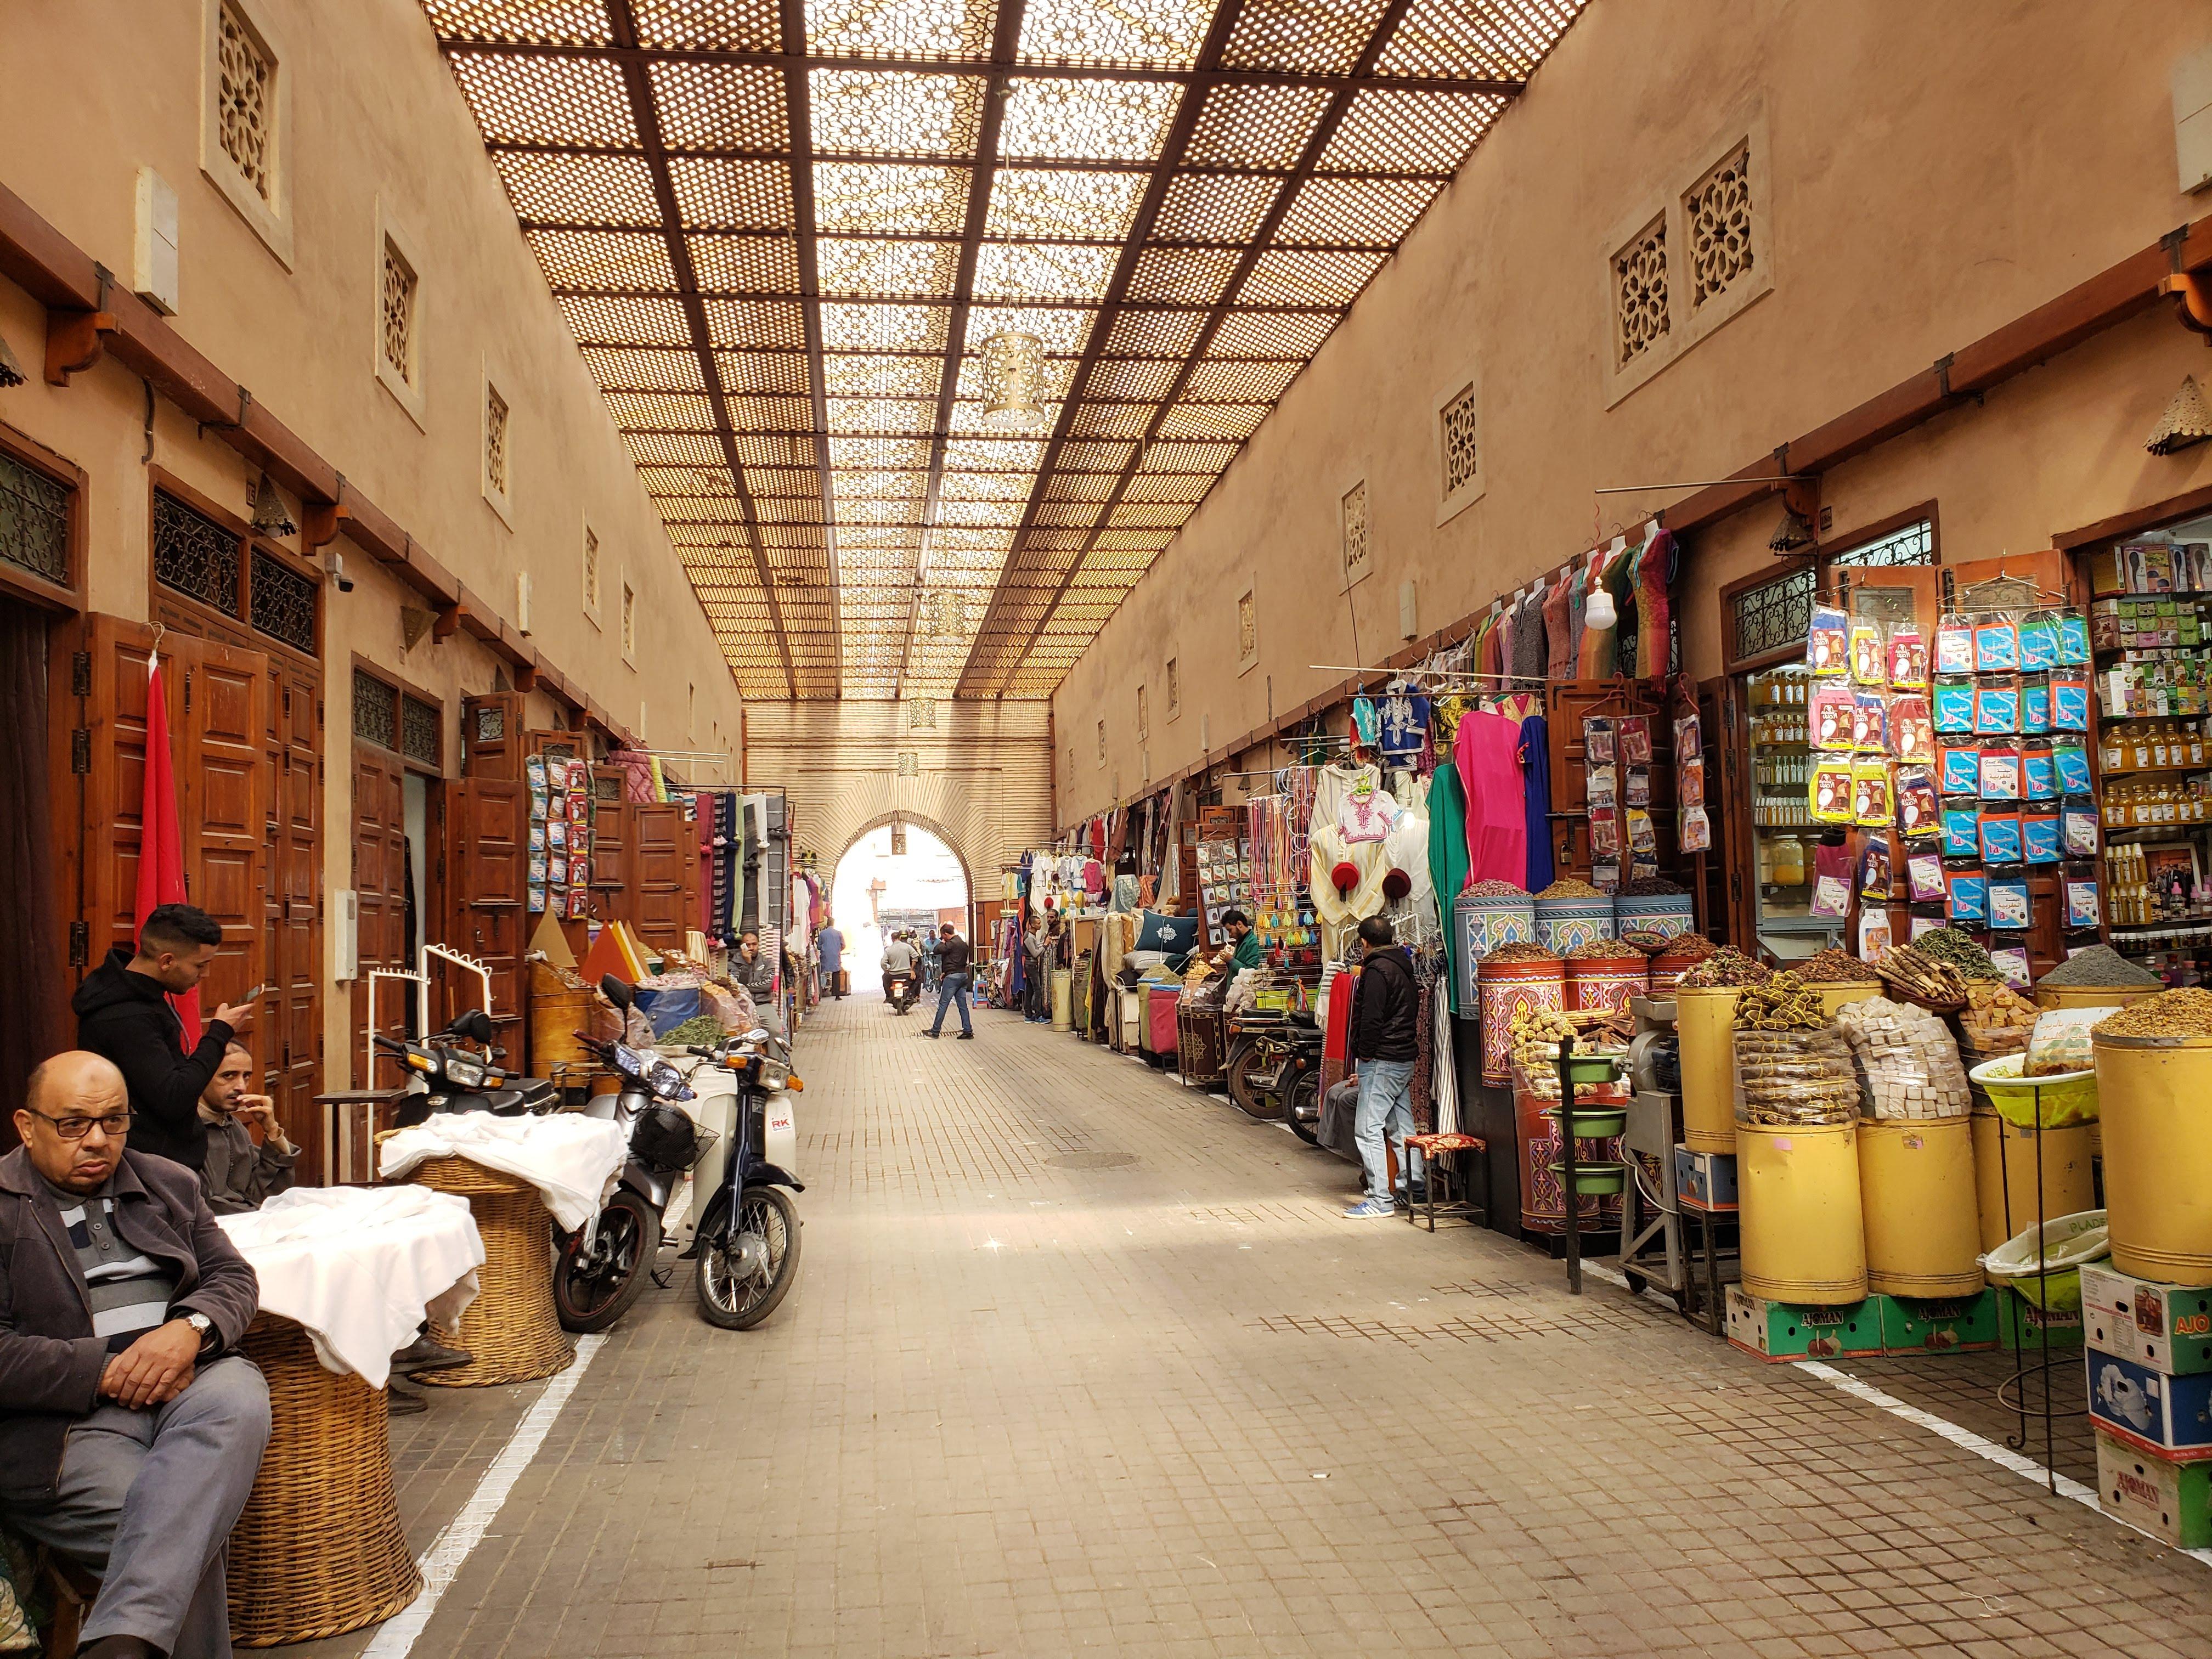 Spice Market photo by Ana Astri-O'Reilly